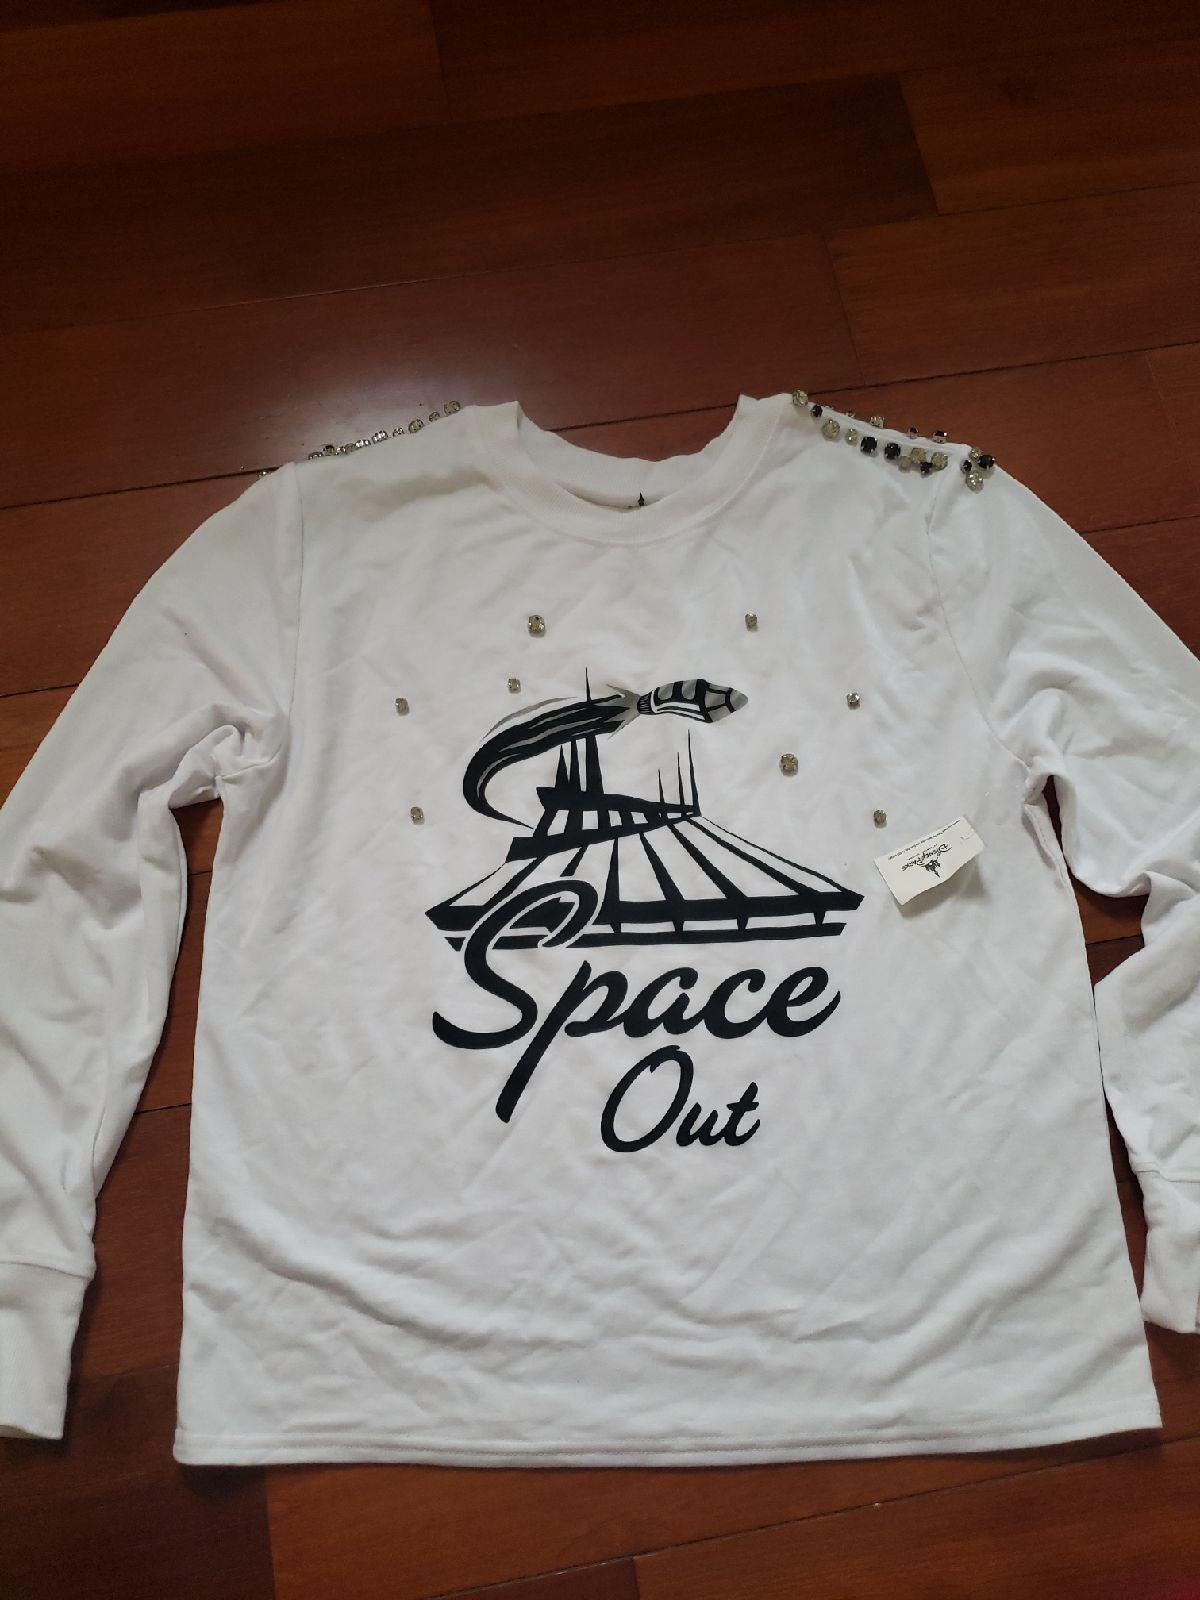 Disneyland space mountain shirt M